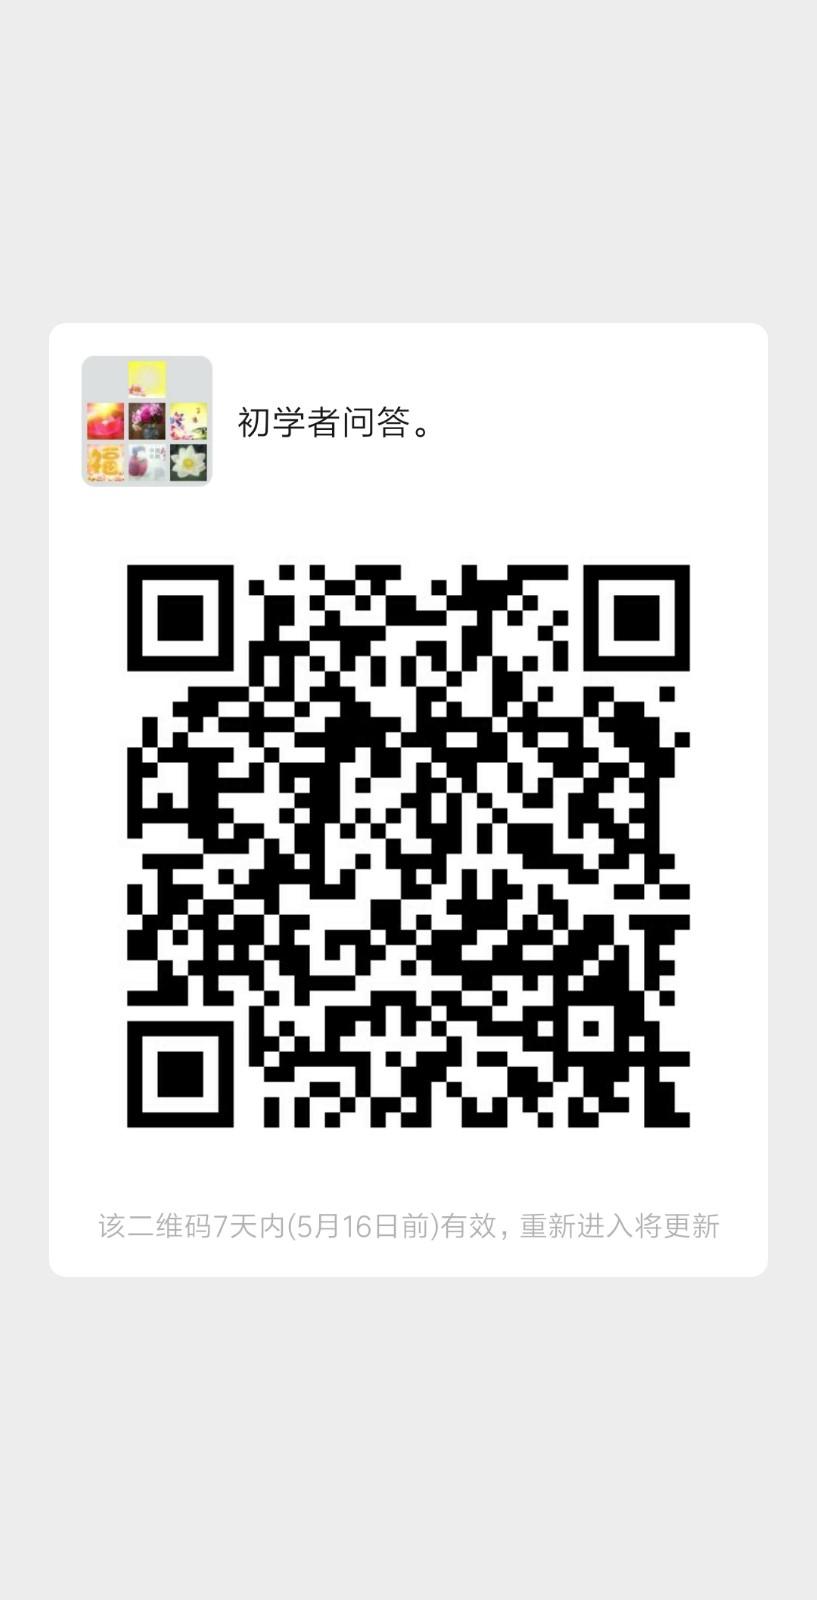 【血癌 】普照法师分享_图1-4